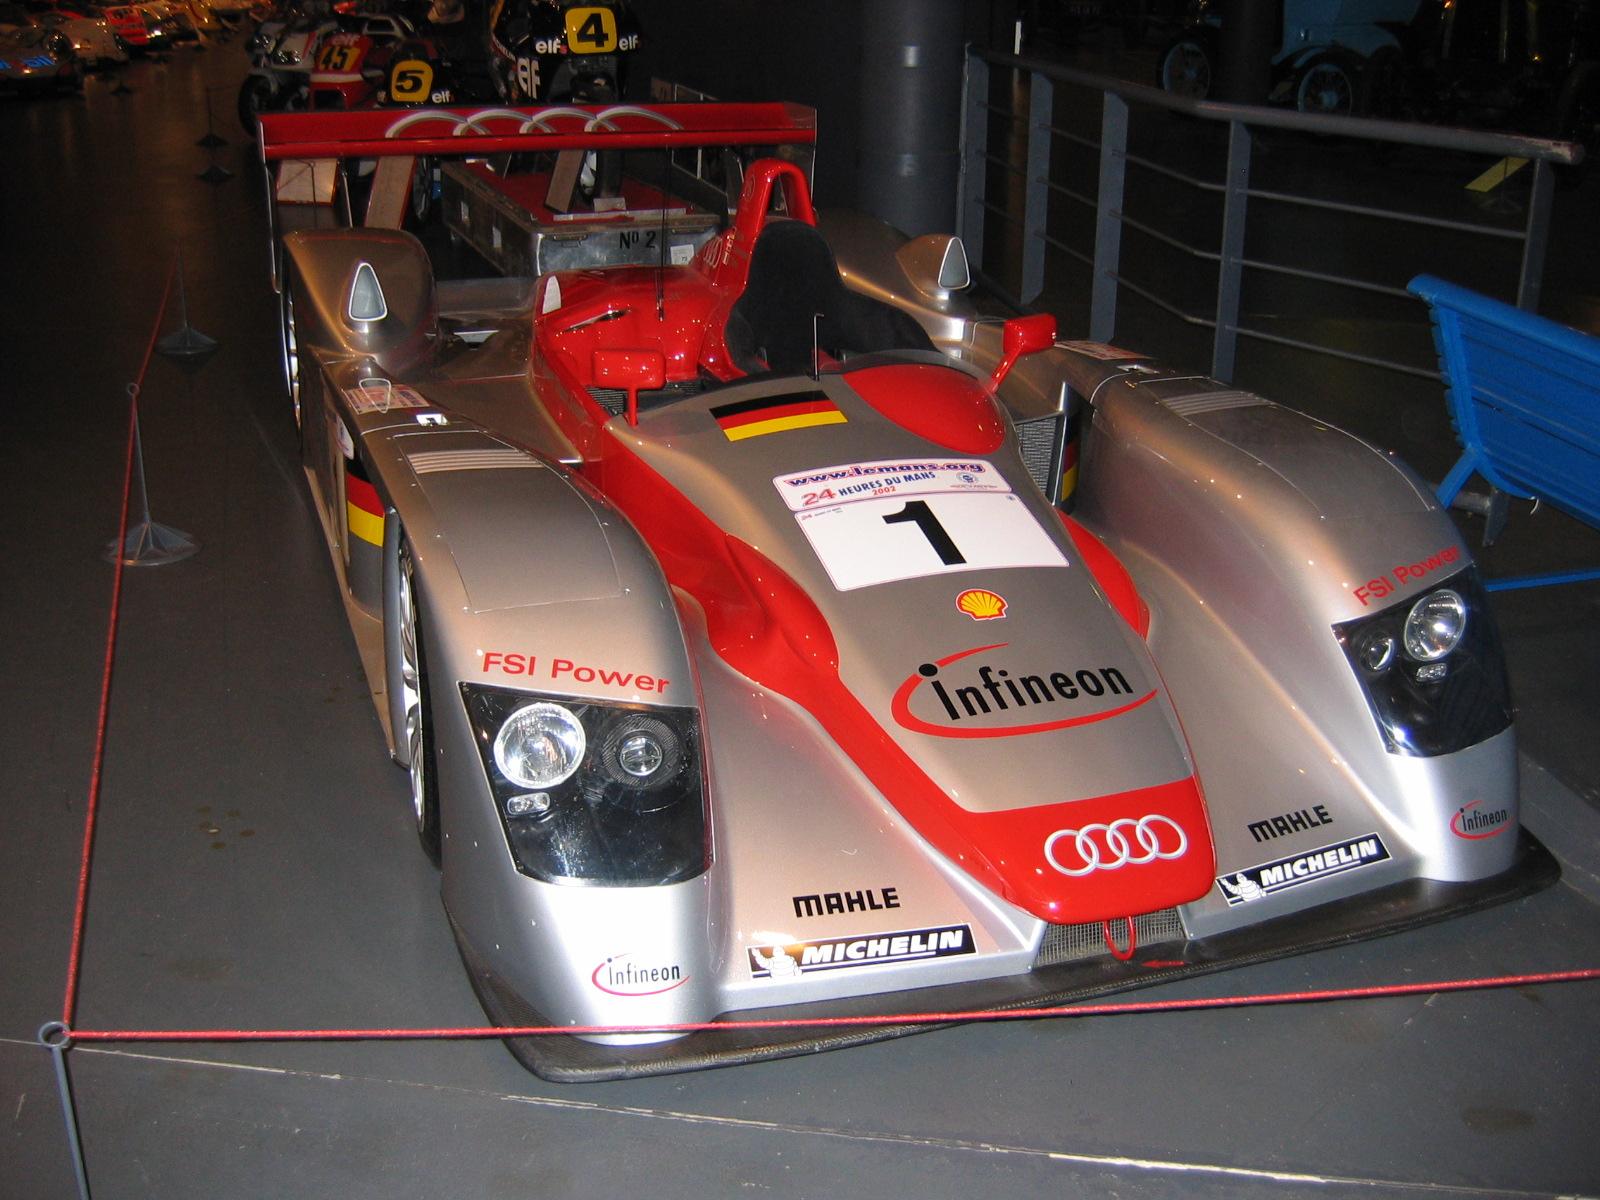 2002 Siegerauto Audi R8, Biela/Kristensen/Pirro